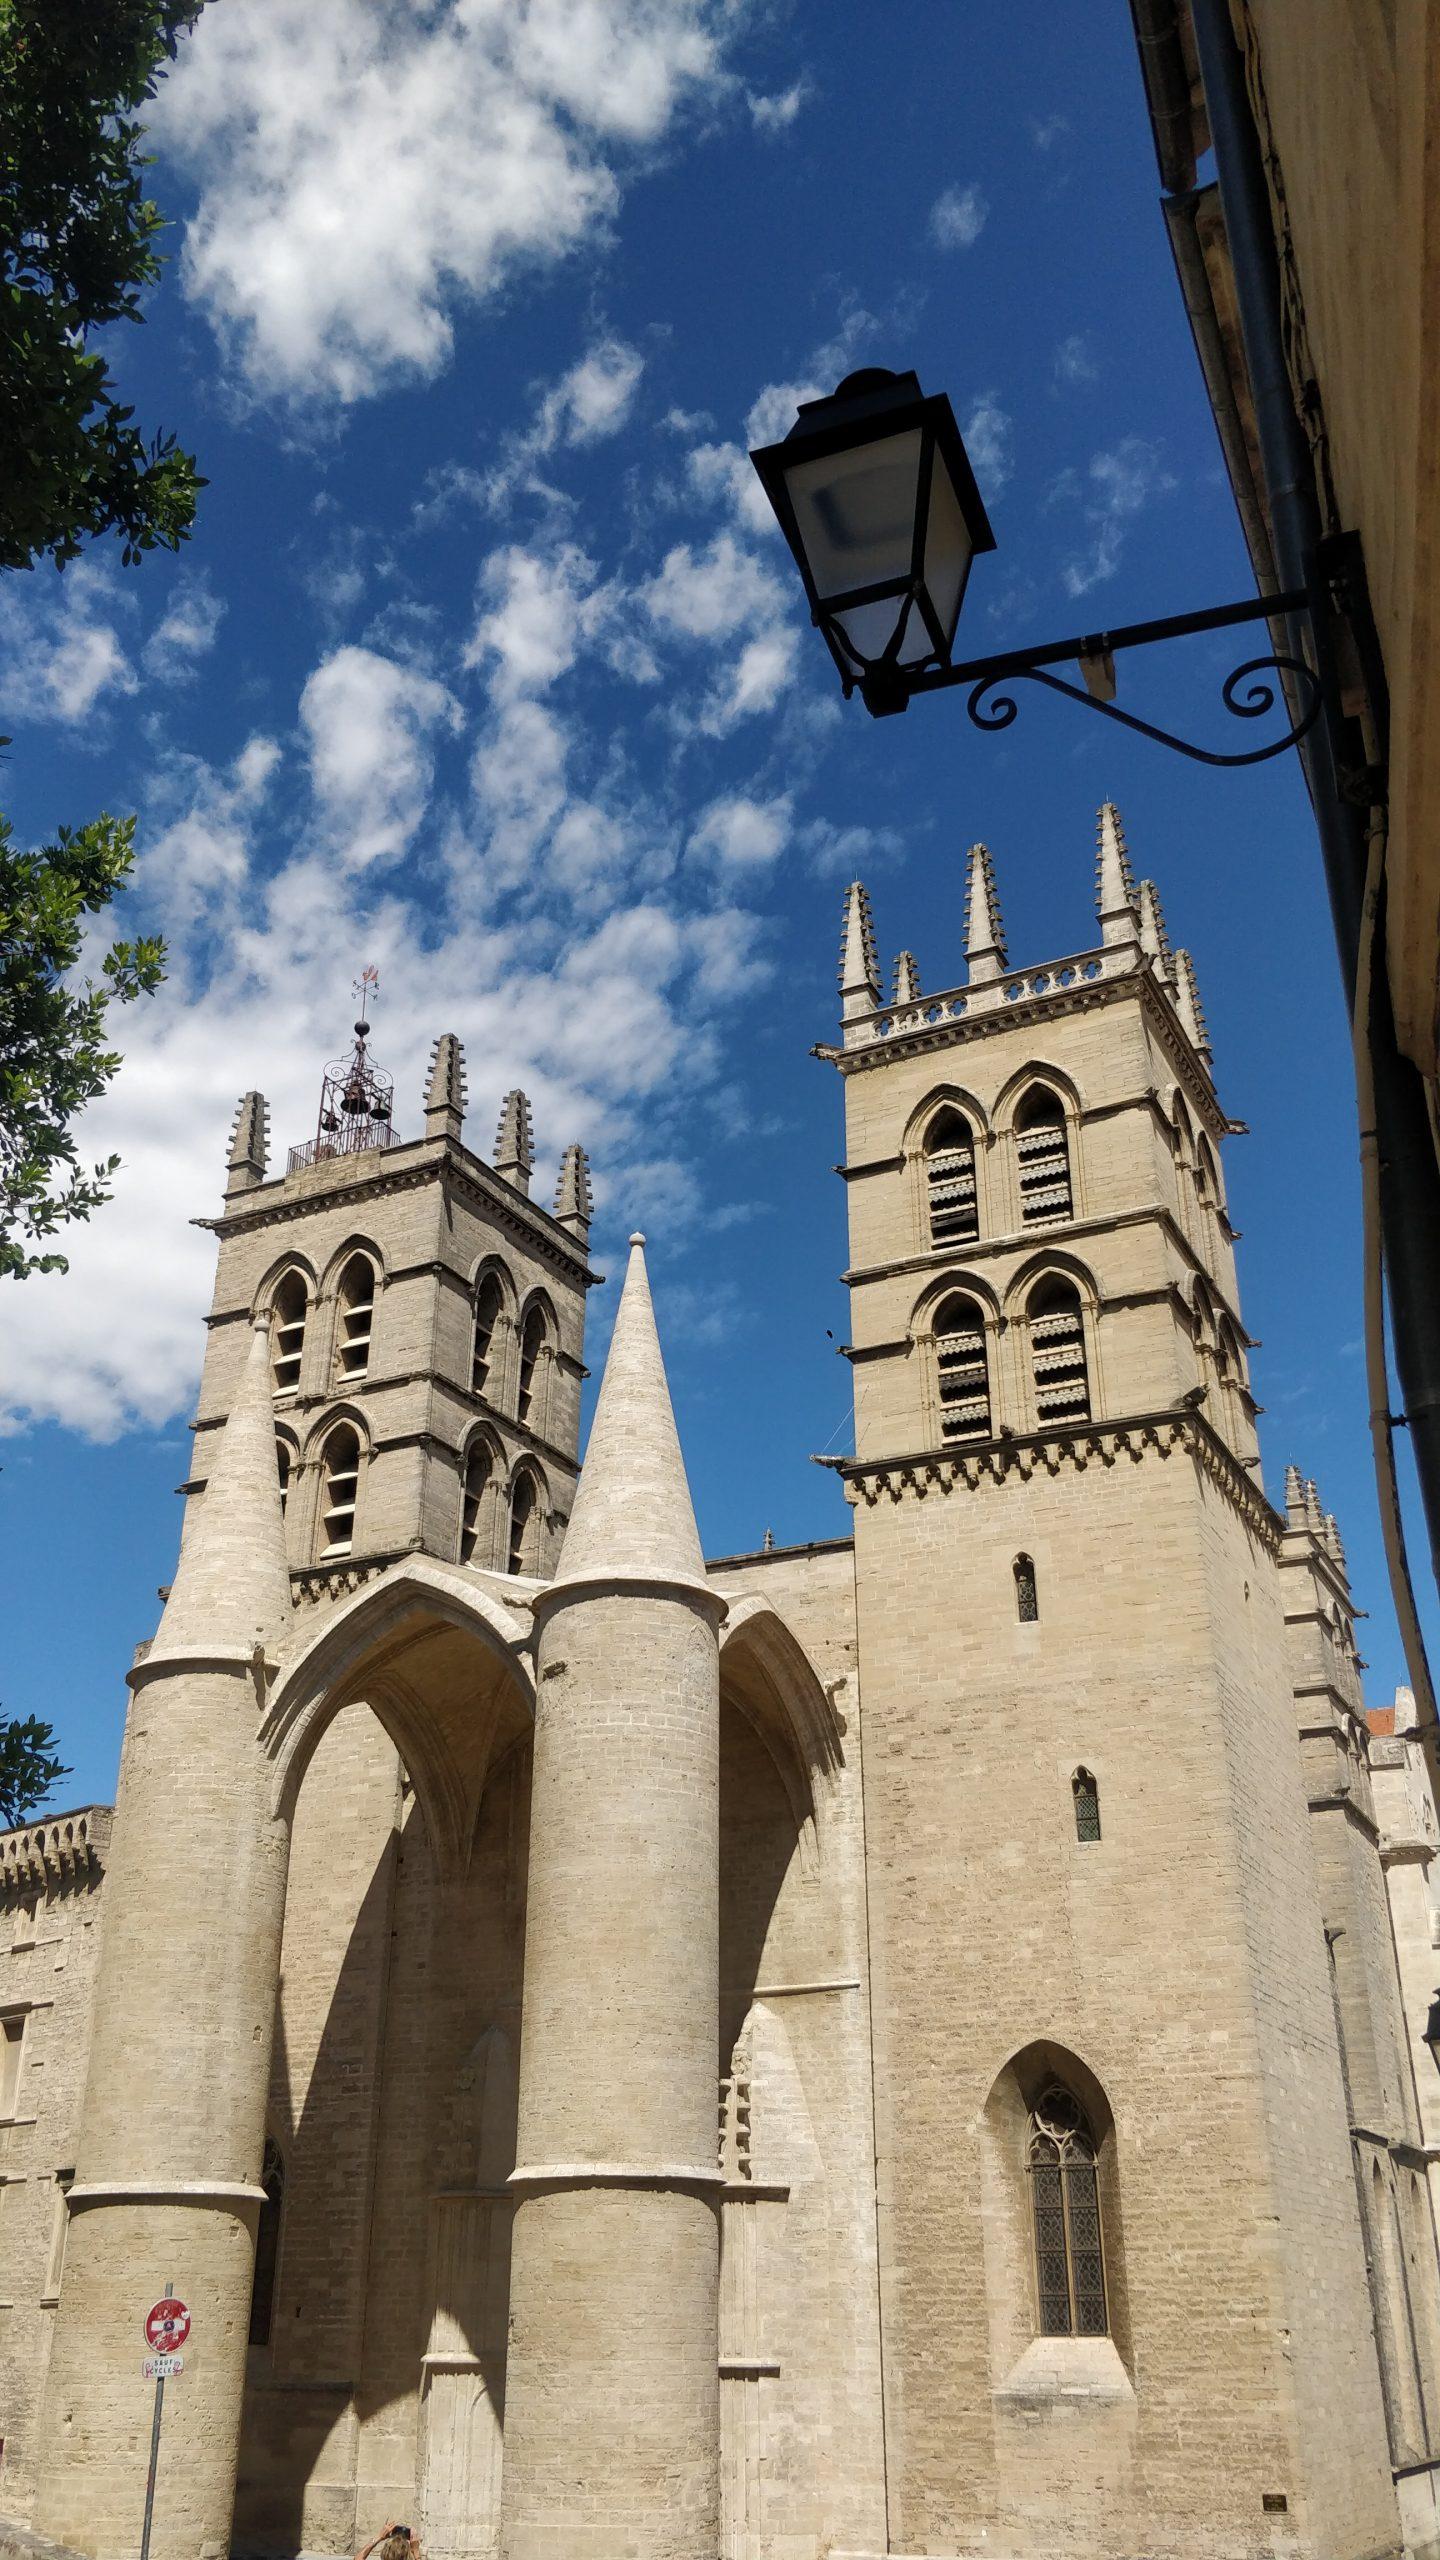 Die Kathedrale von Montpellier (Cathédrale Saint-Pierre de Montpellier)